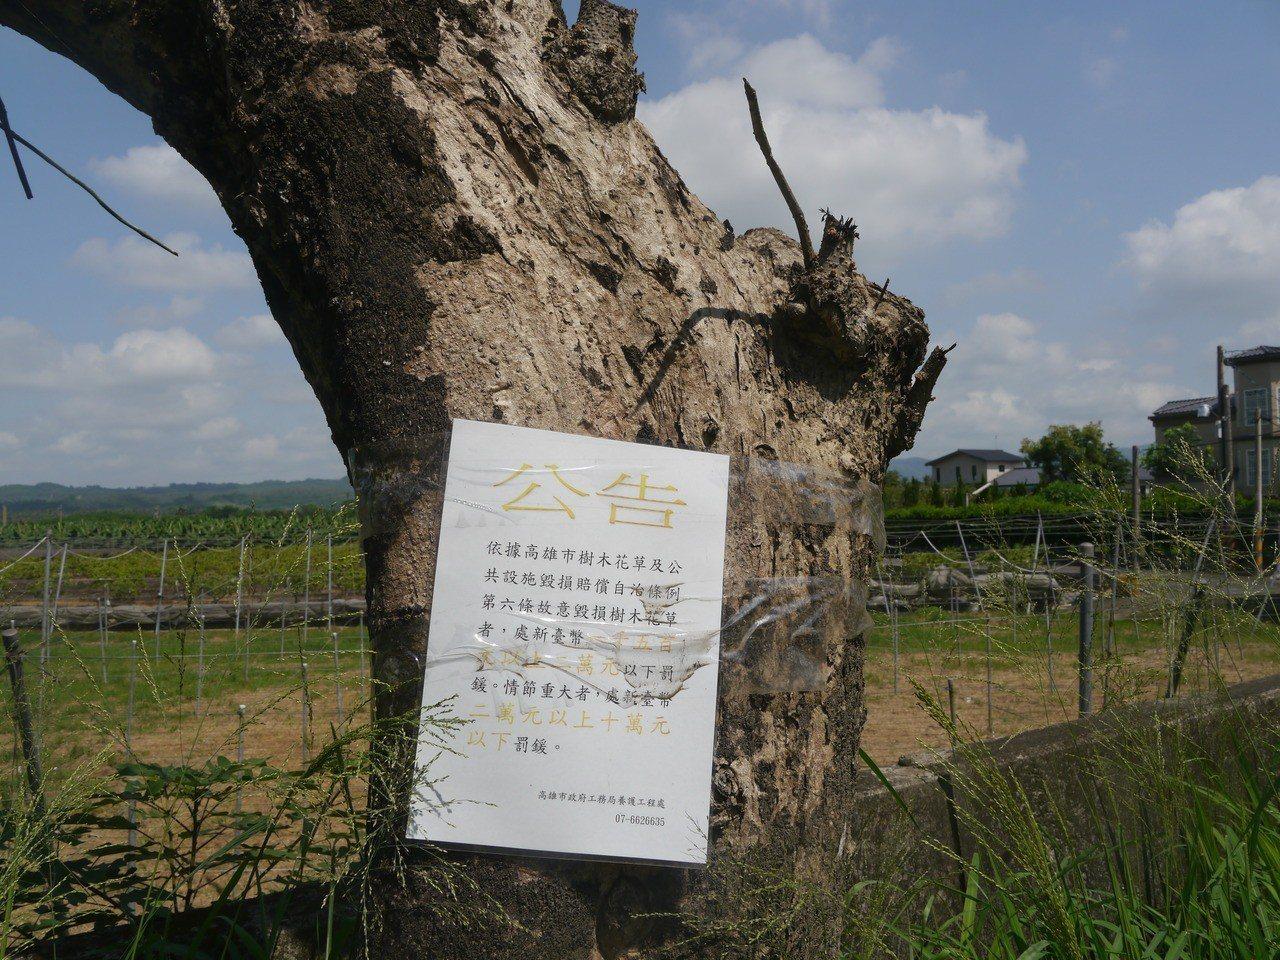 高市府養工處在樹身張貼公告。記者徐白櫻/攝影